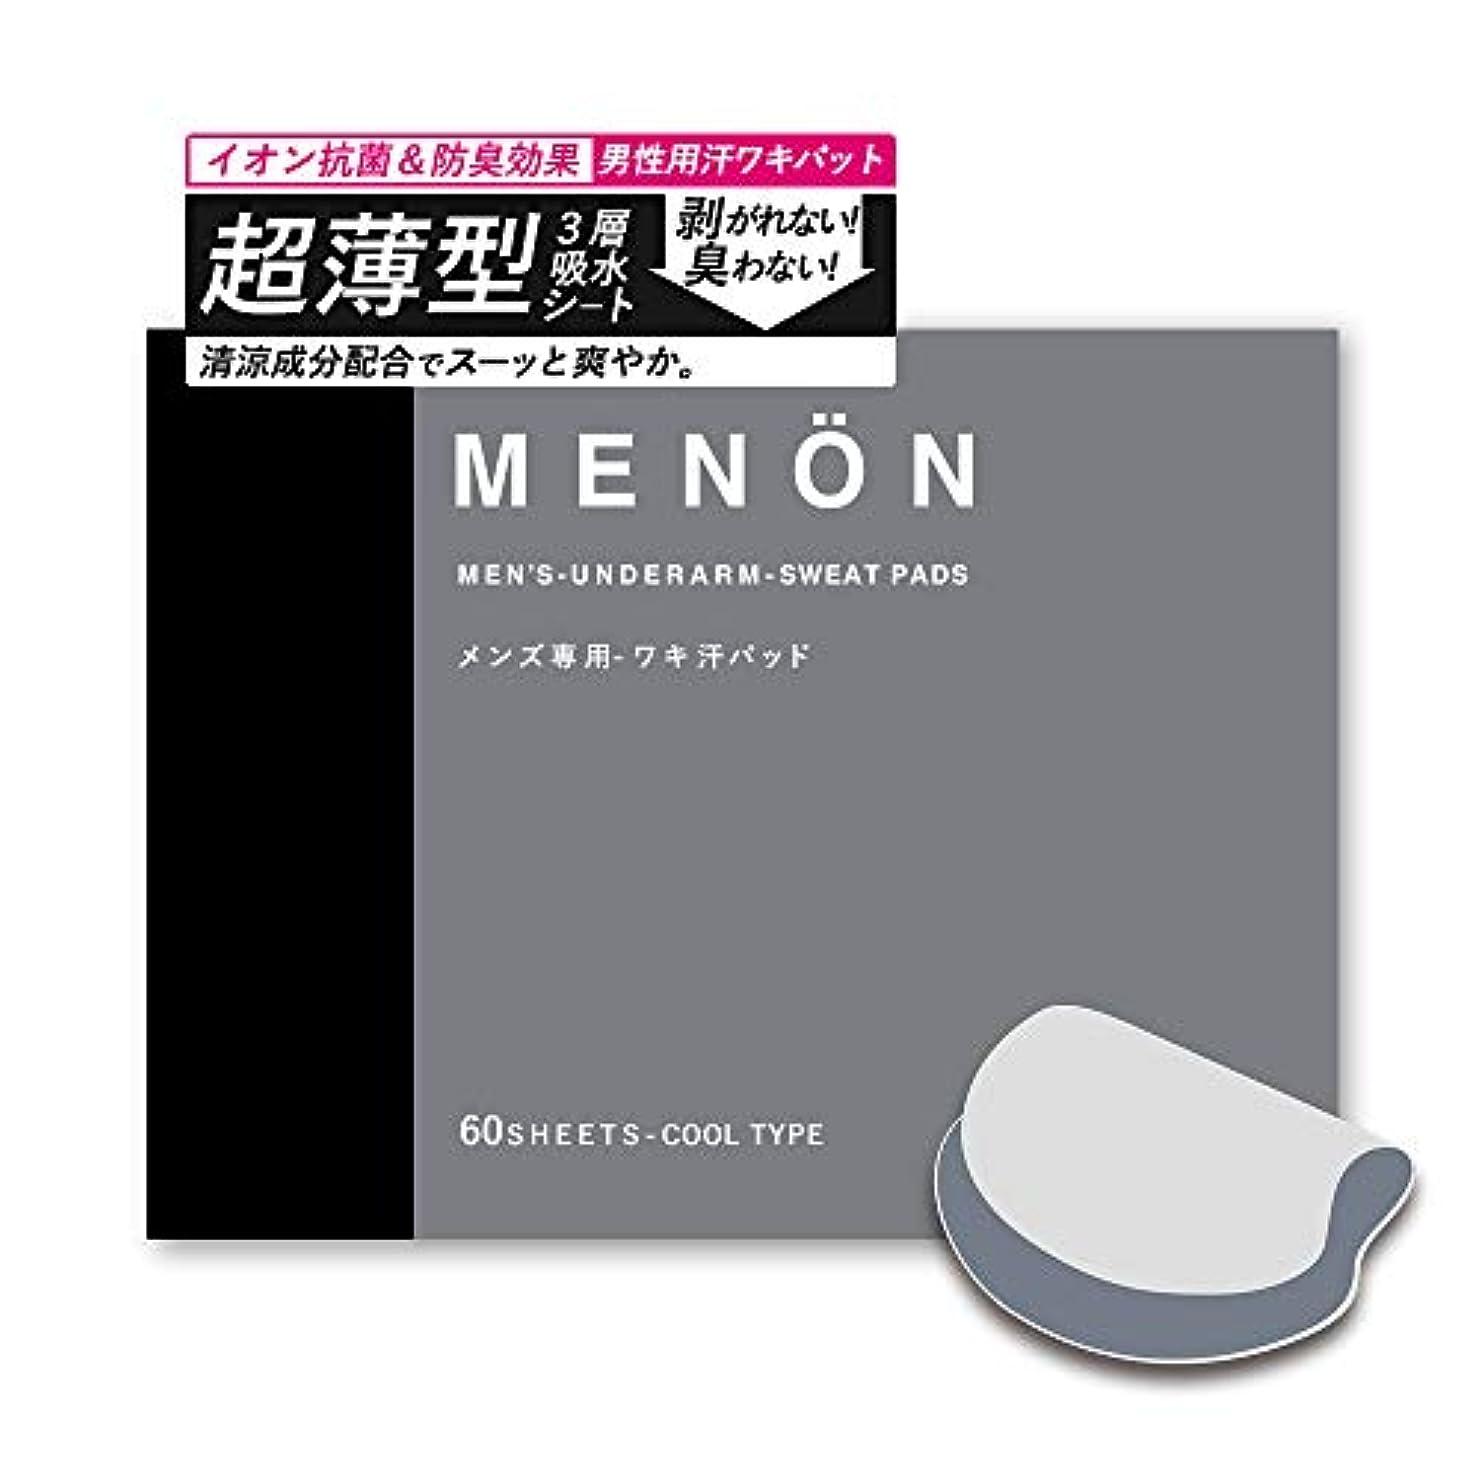 上一緒に遠足MENON 安心の日本製 脇汗パッド メンズ 使い捨て 汗取りパッド 大容量60枚 (30セット) 清涼成分配合 脇汗 男性用 ボディケア 汗ジミ?臭い予防に パッド シール メノン